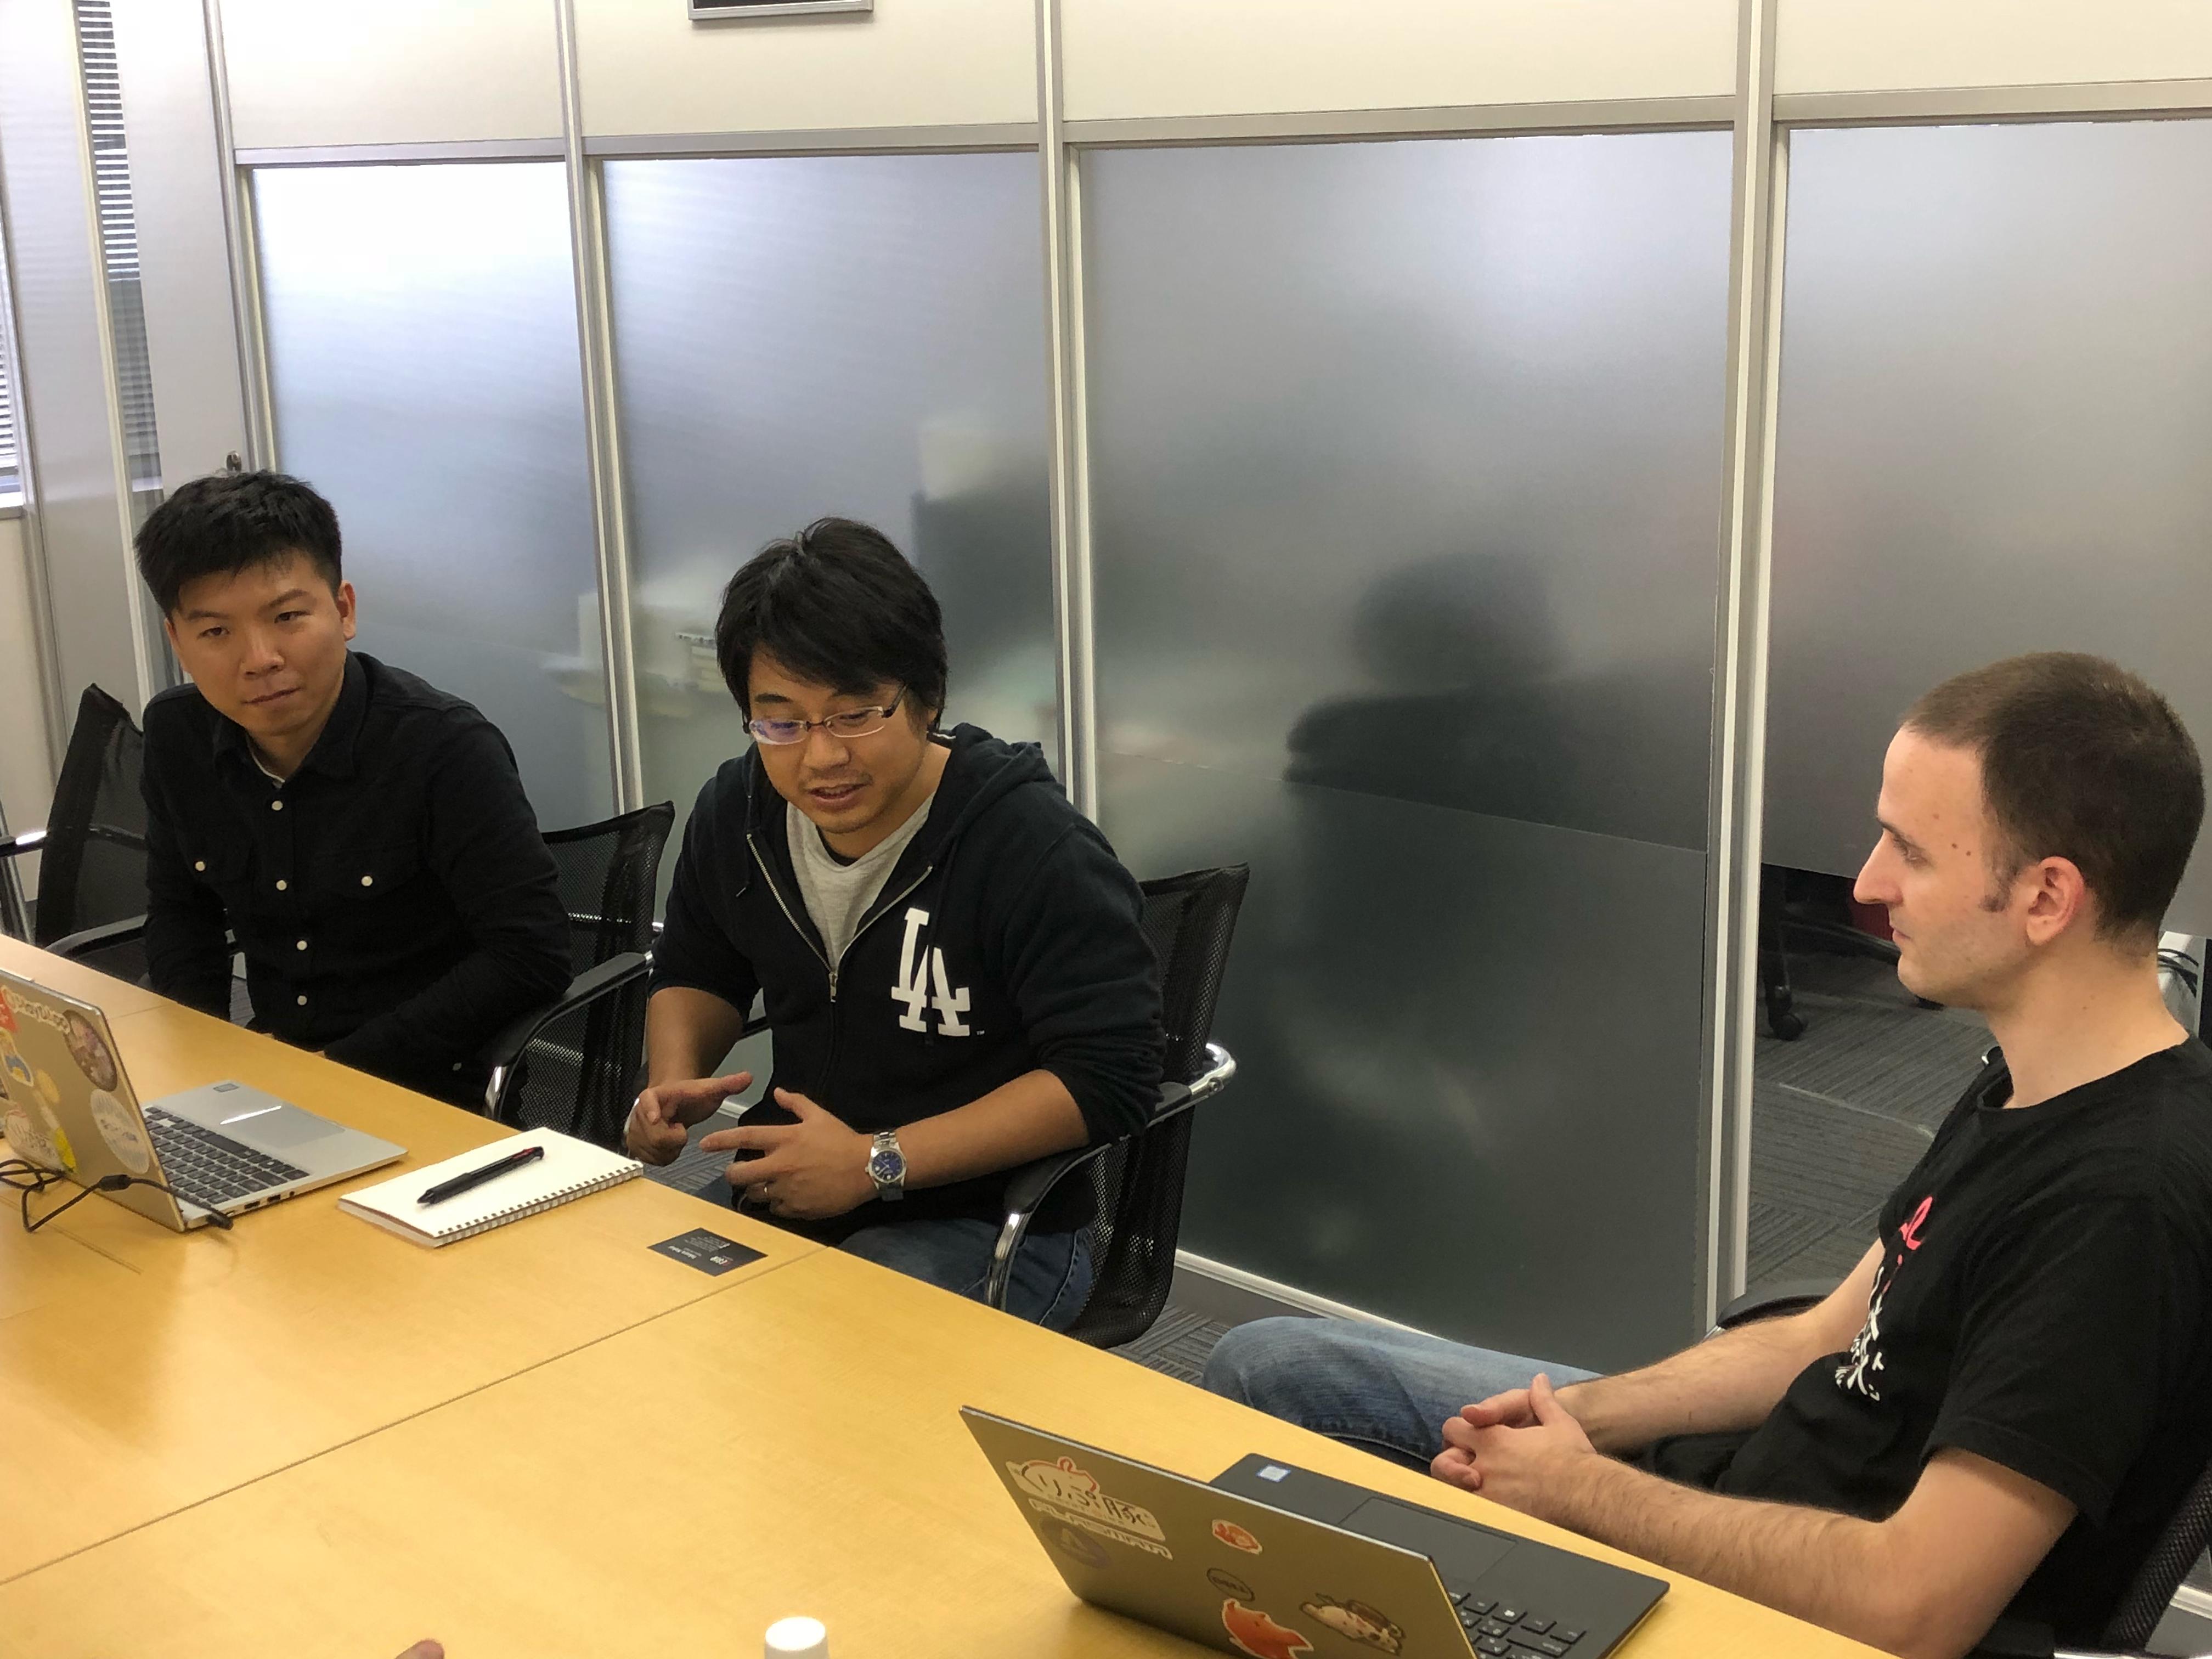 くりぷ豚 インタビュー Dapps レース